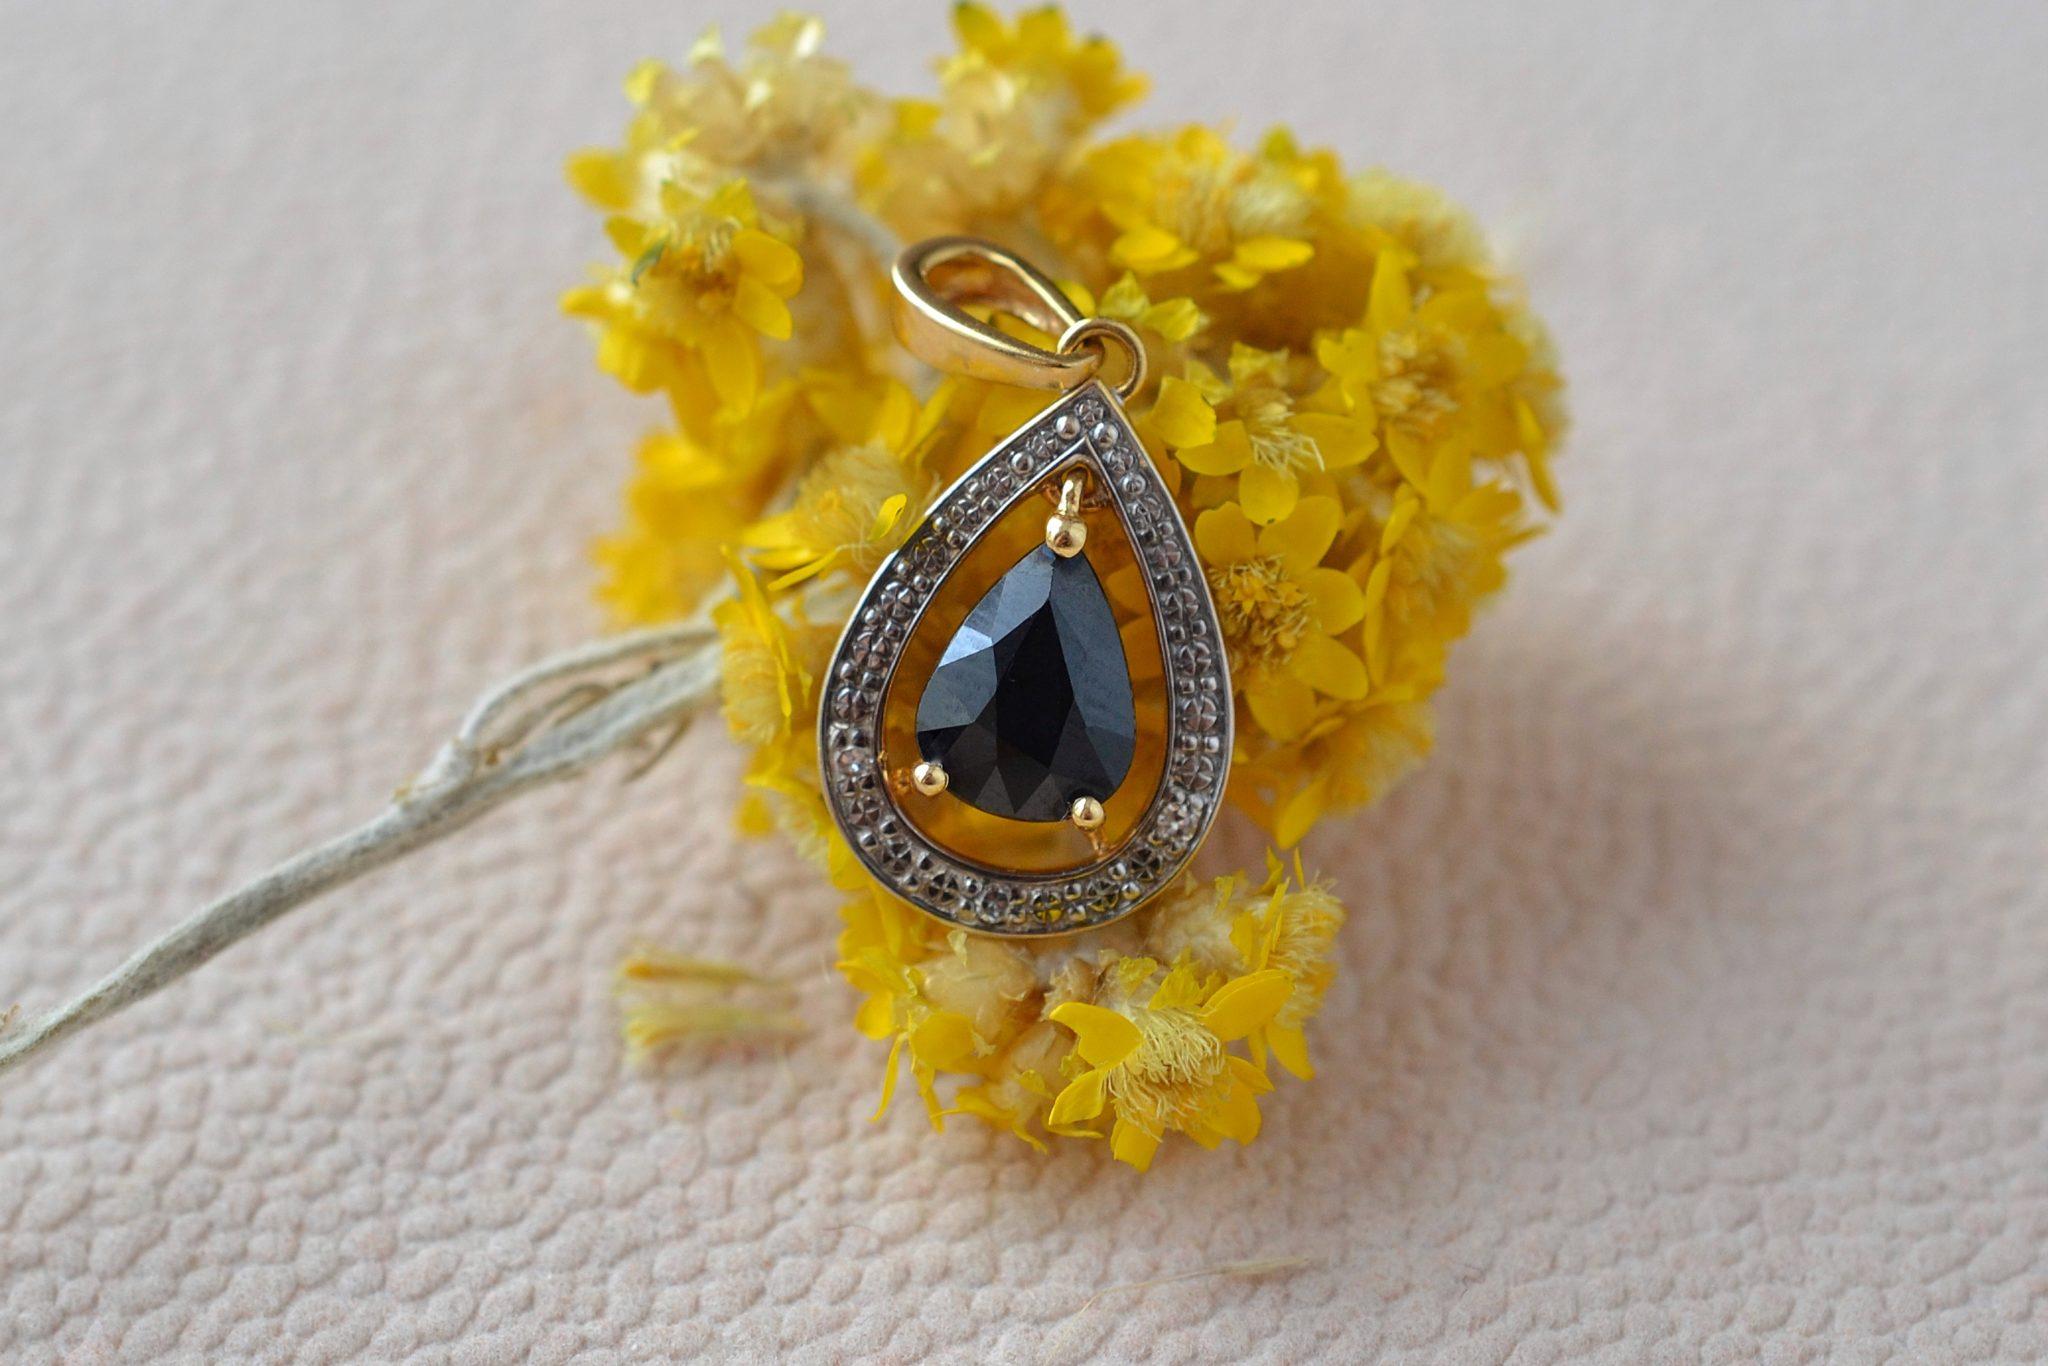 Pendentif goutte en Or jaune serti d_un saphir poire, entourage en Or blanc agrémenté de trois diamants - bijou de seconde main